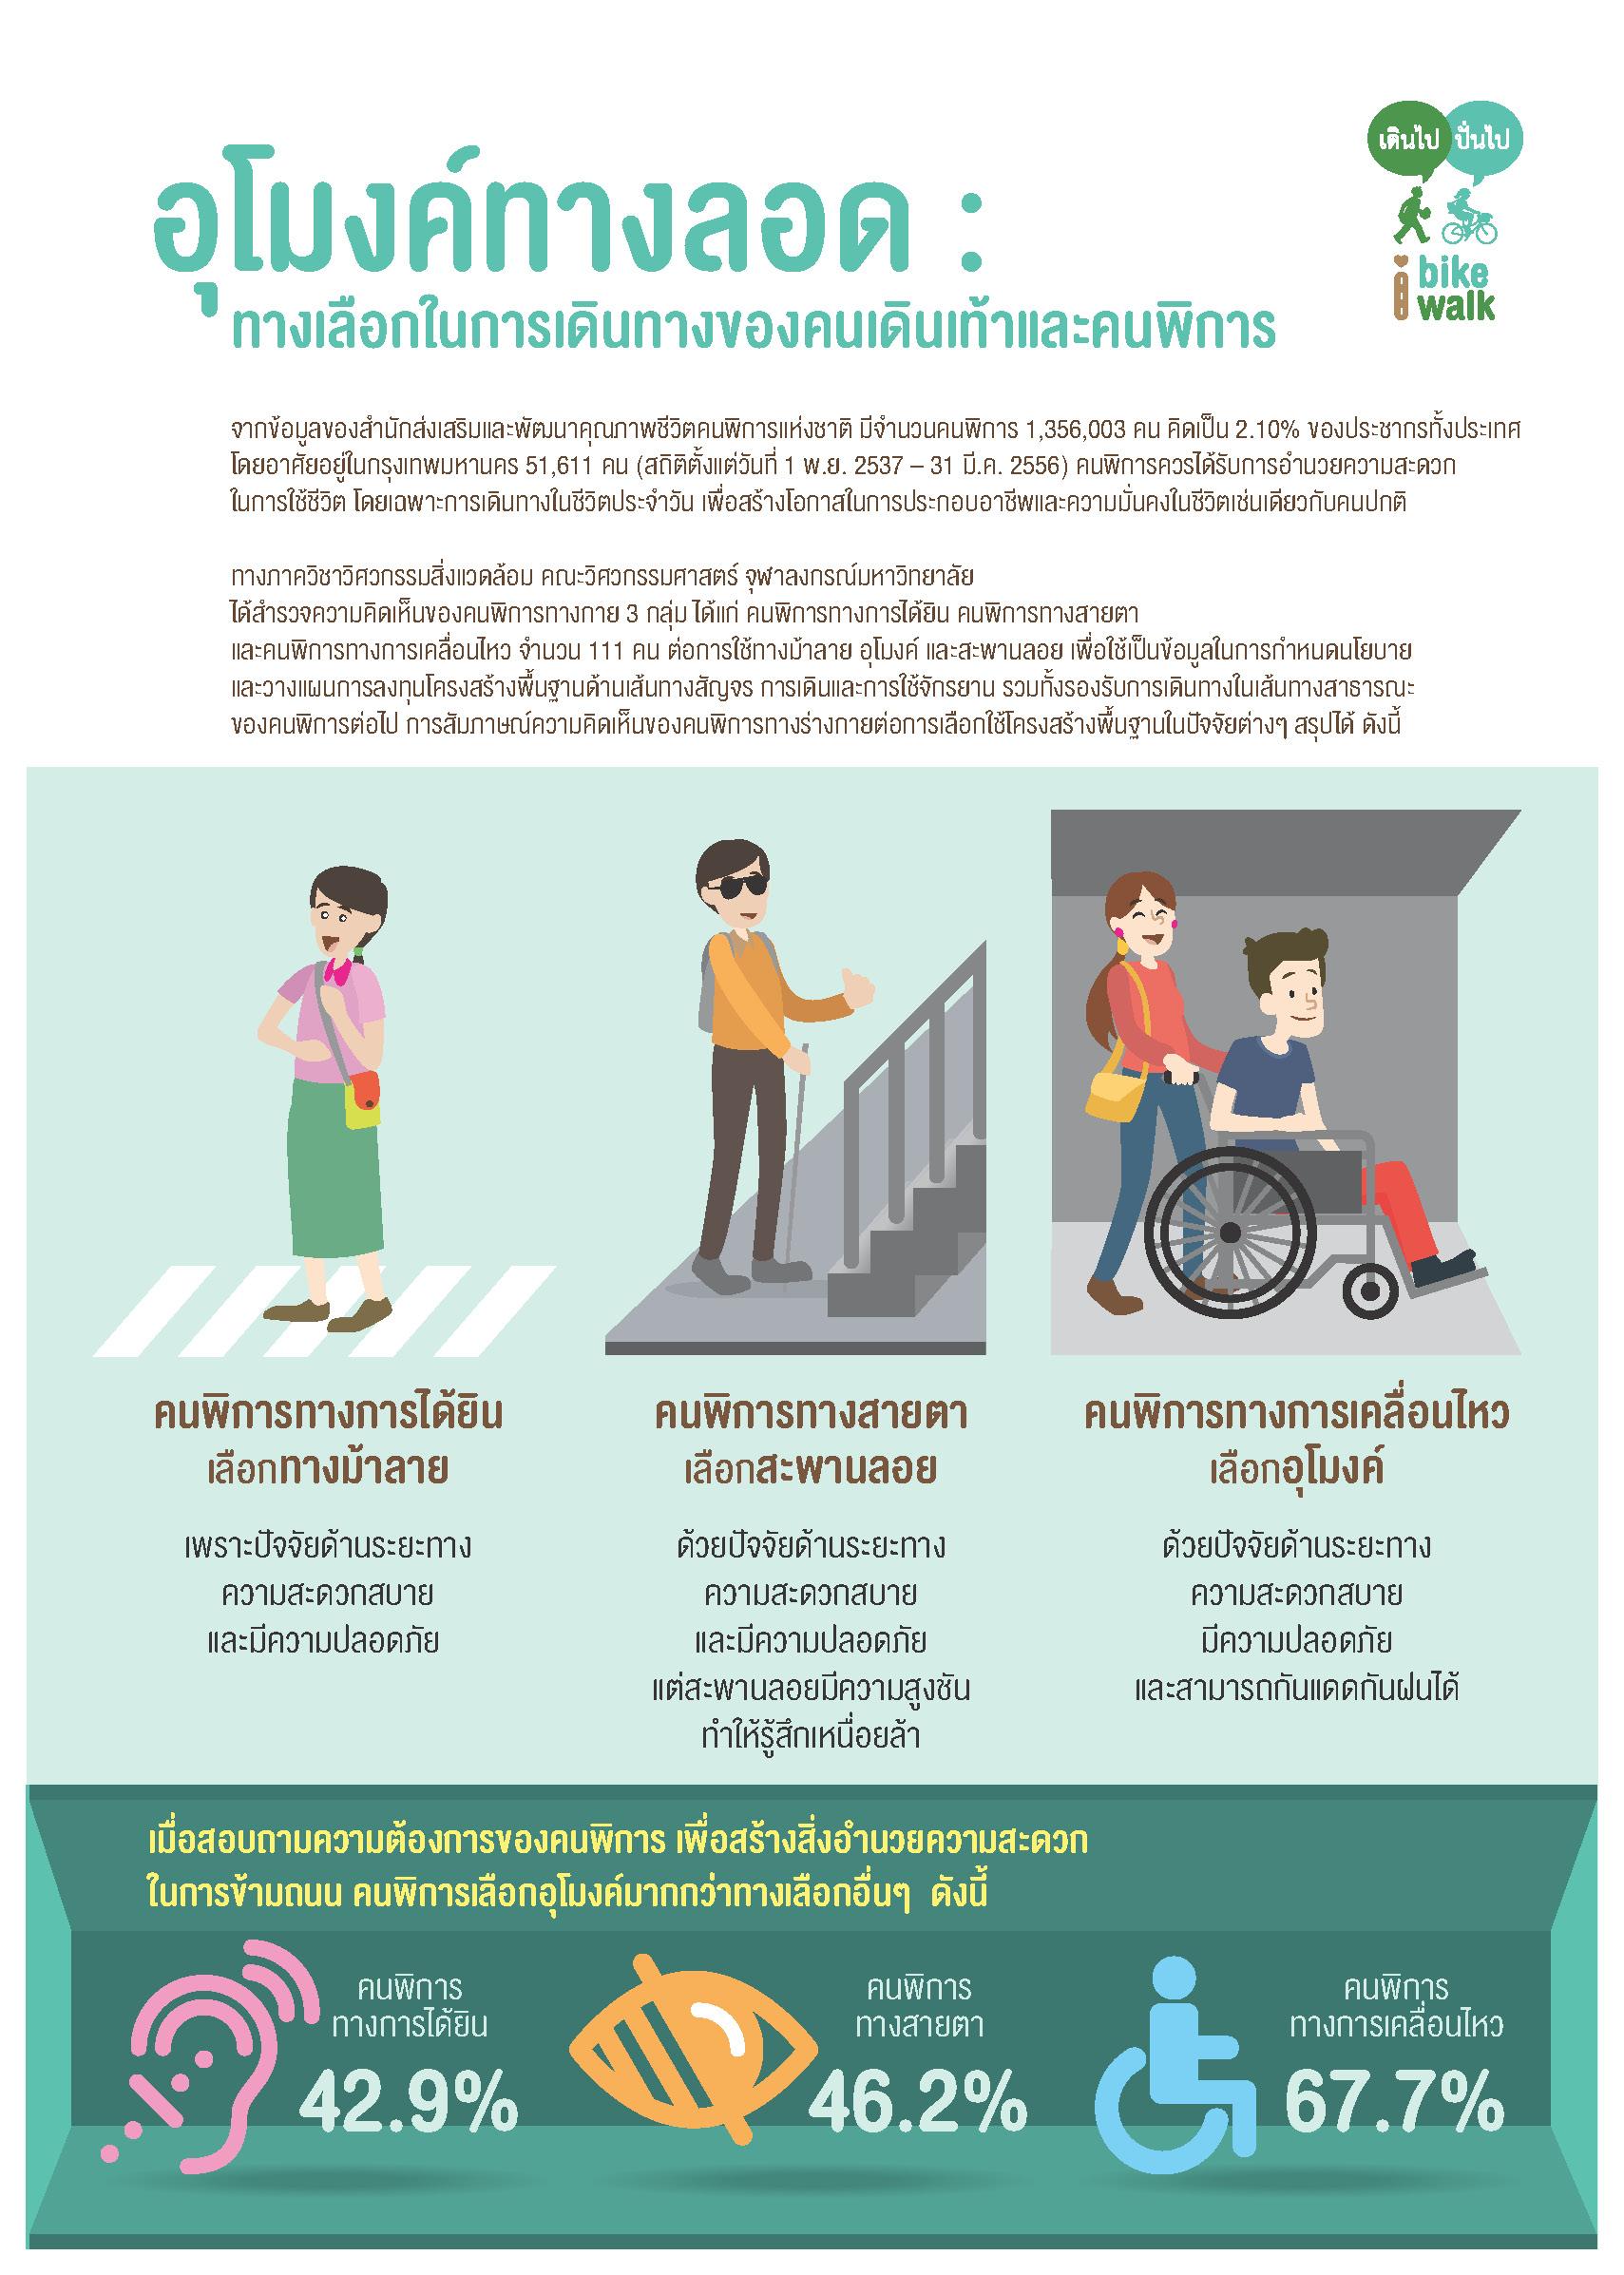 อุโมงค์ทางลอด:ทางเลือกในการเดินทางของคนเดินเท้าและคนพิการ